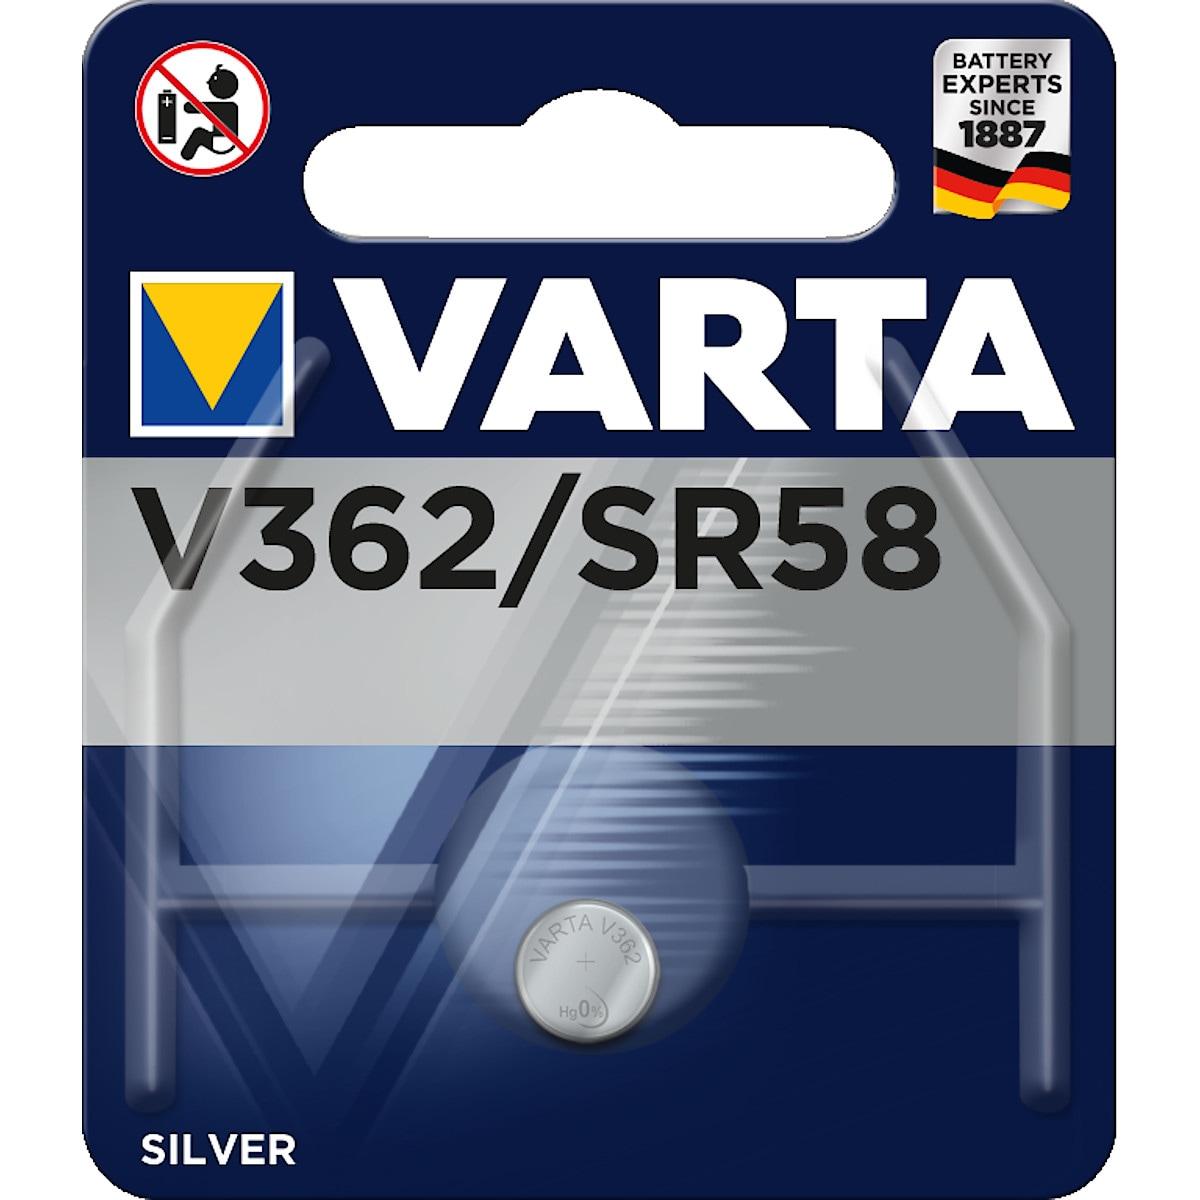 Knappcellsbatteri V362/SR58 VARTA